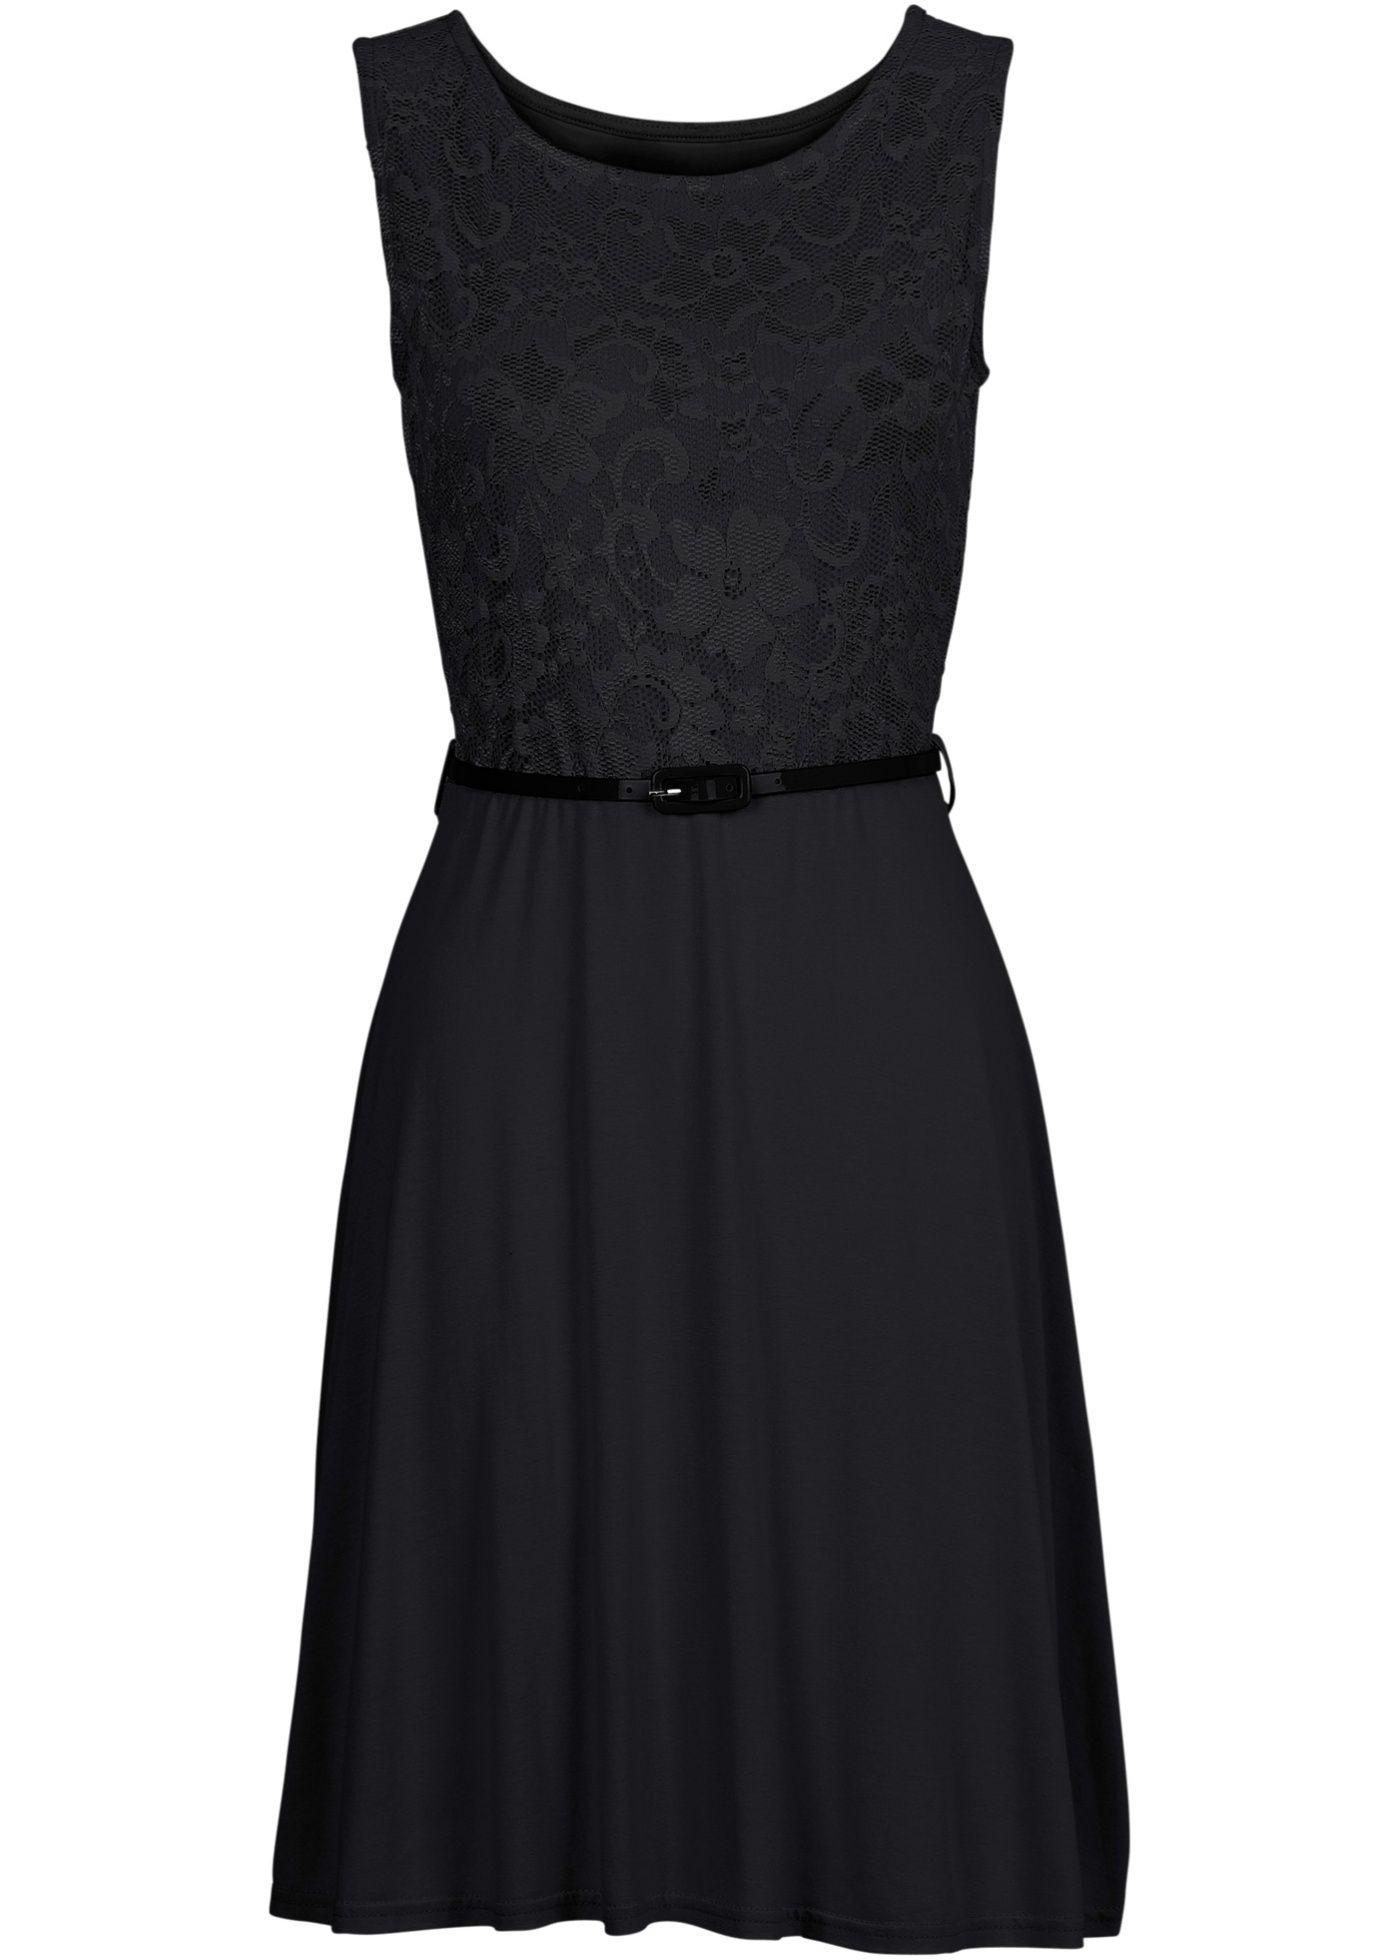 15 Cool Blaues Kleid Spitze Vertrieb20 Fantastisch Blaues Kleid Spitze Vertrieb